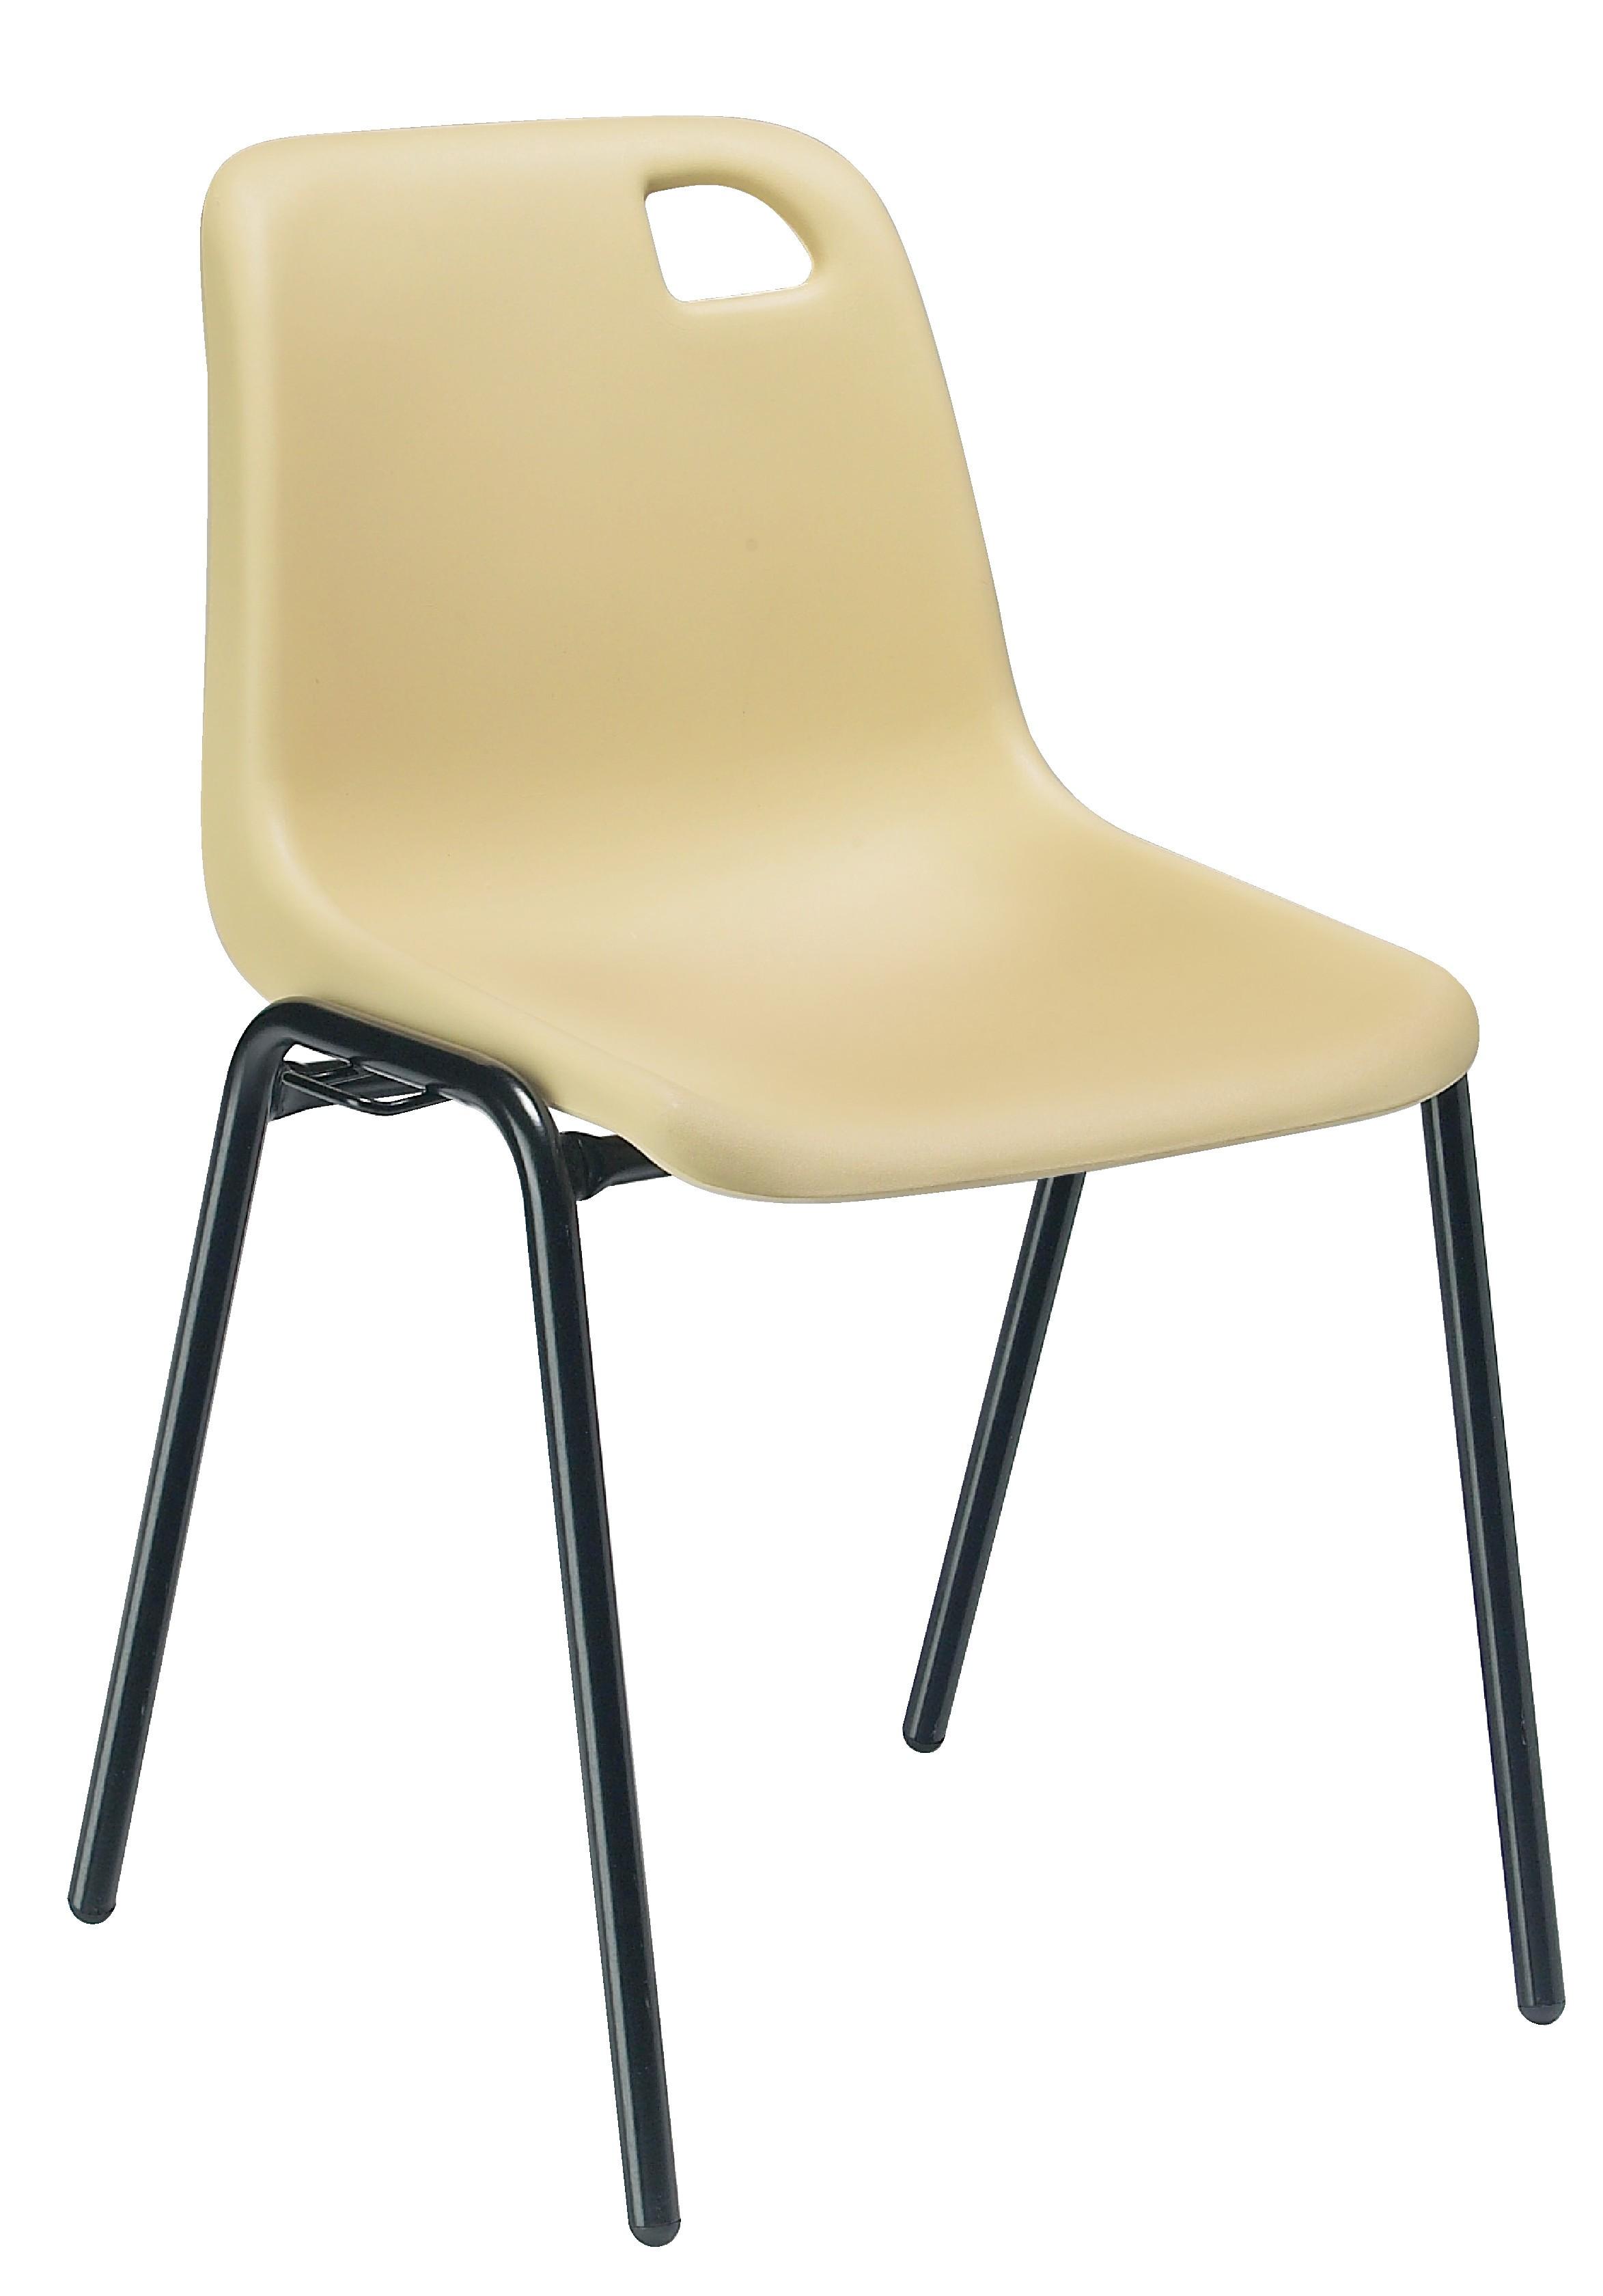 chaise terrasse metro elegant chaise bar vintage chaises et tabourets de cheap tabouret christi. Black Bedroom Furniture Sets. Home Design Ideas